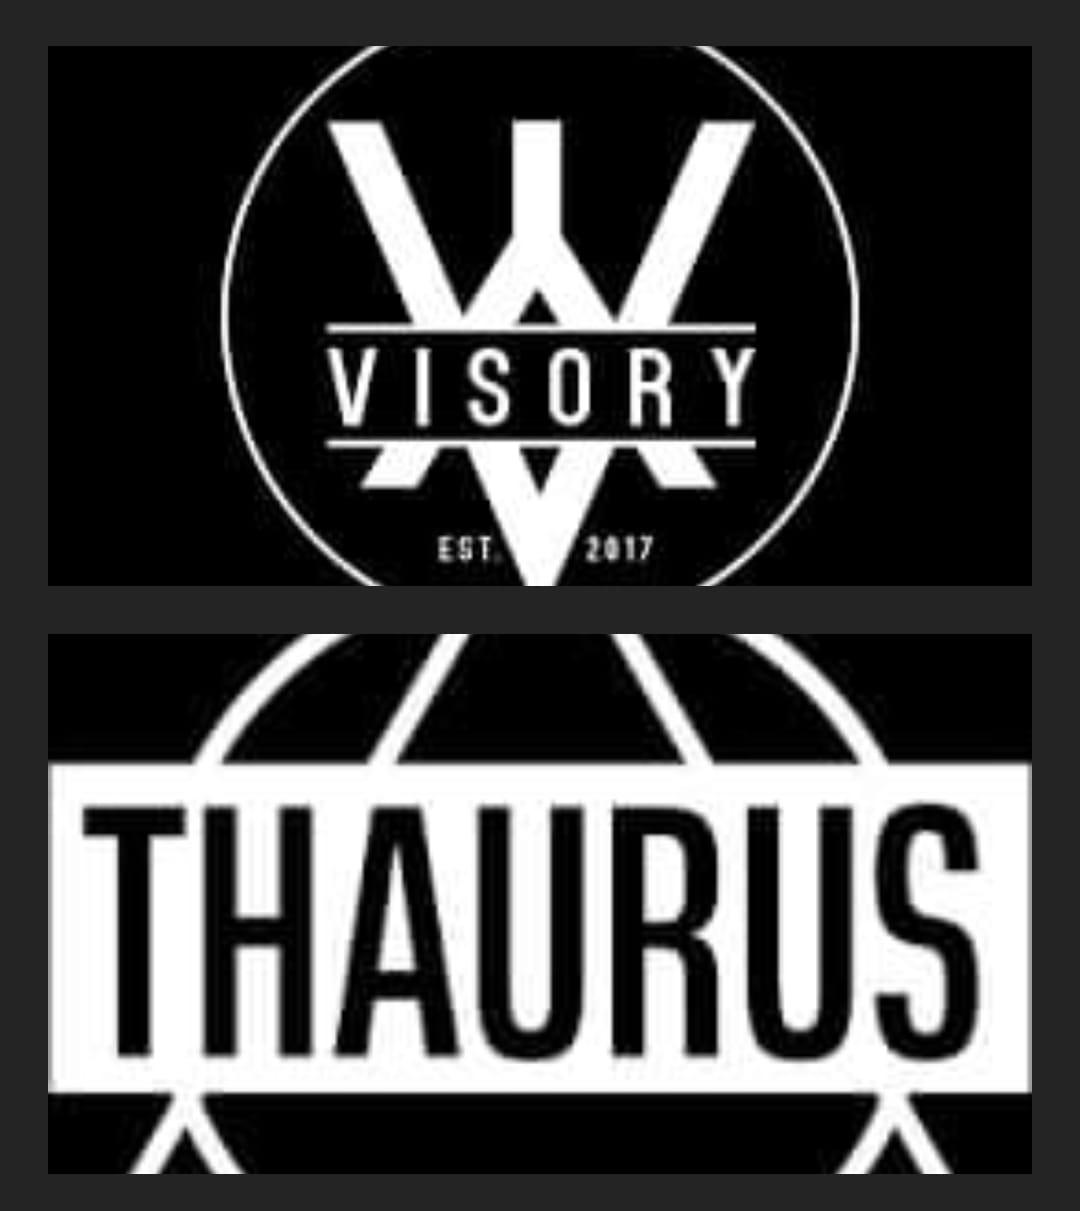 Omar Alì Khan firma per l'etichetta discografica Visory con la collaborazione di Thaurus e Believe Digital